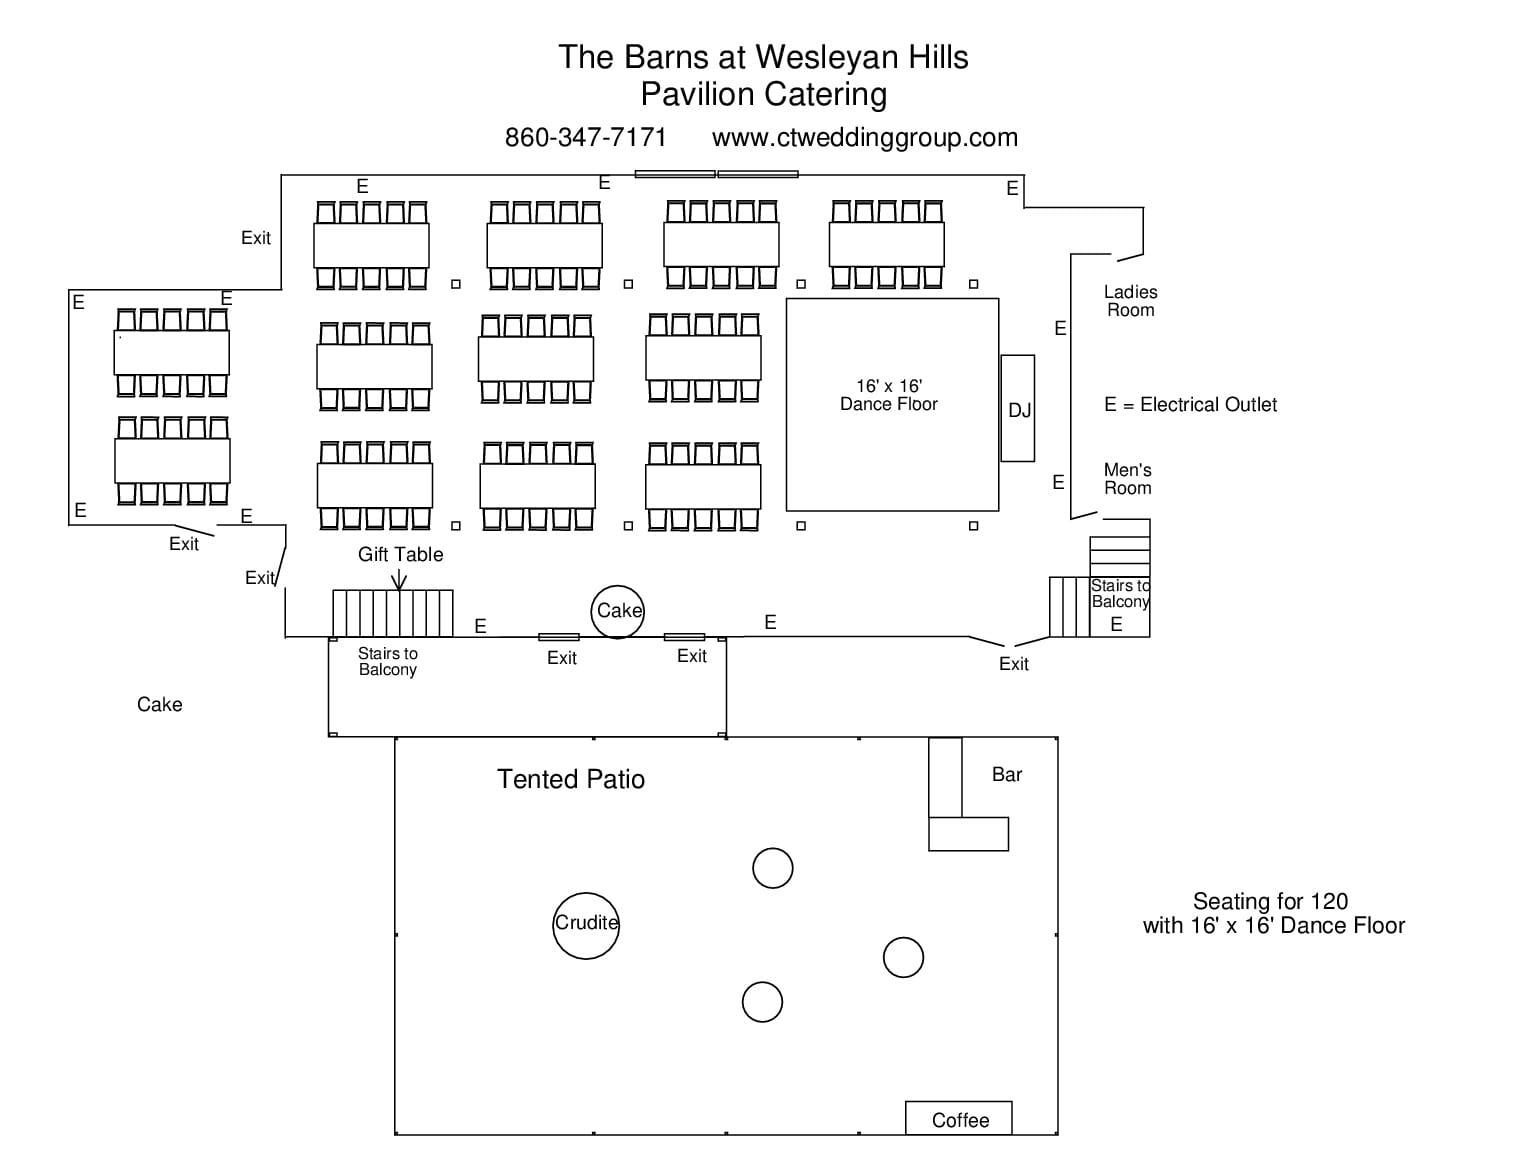 117_11348_Barns-at-Wesleyan-Hills-Farm-Wood-Table-Floor-Plan-Option-2-001